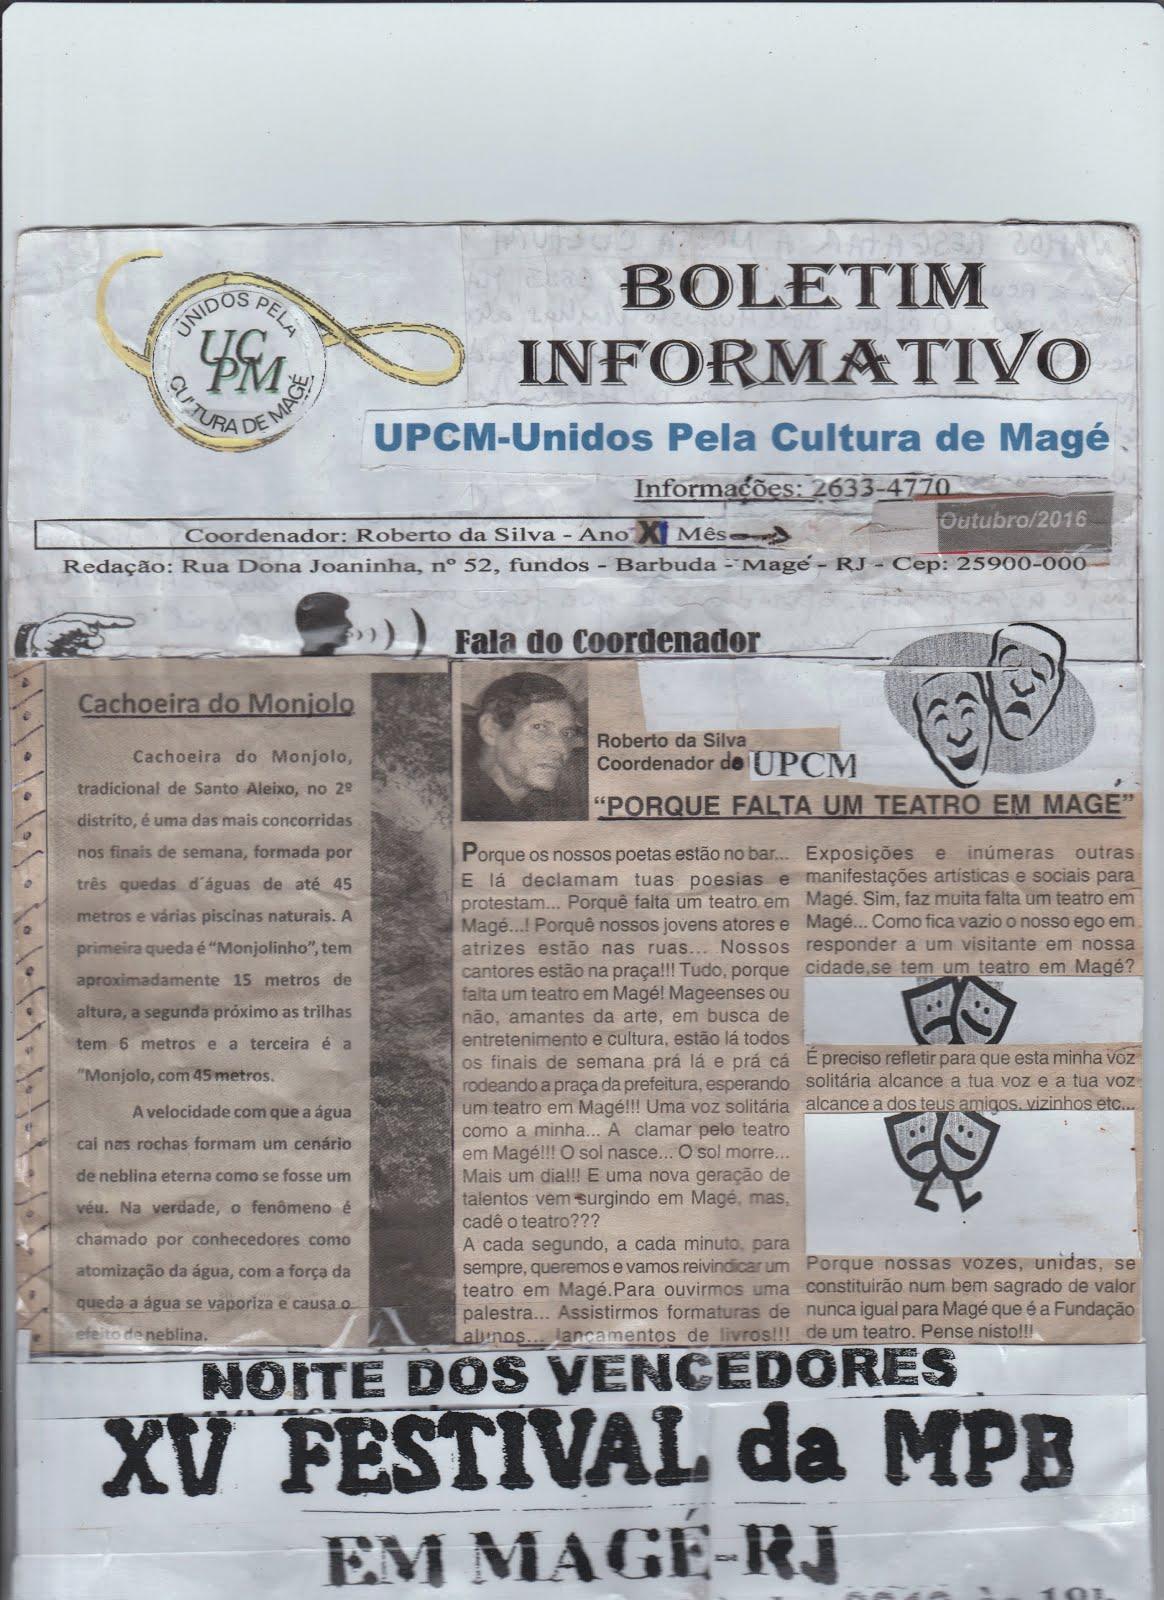 Boletim Informativo do UPCM-Unidos Pela Cultura de Magé